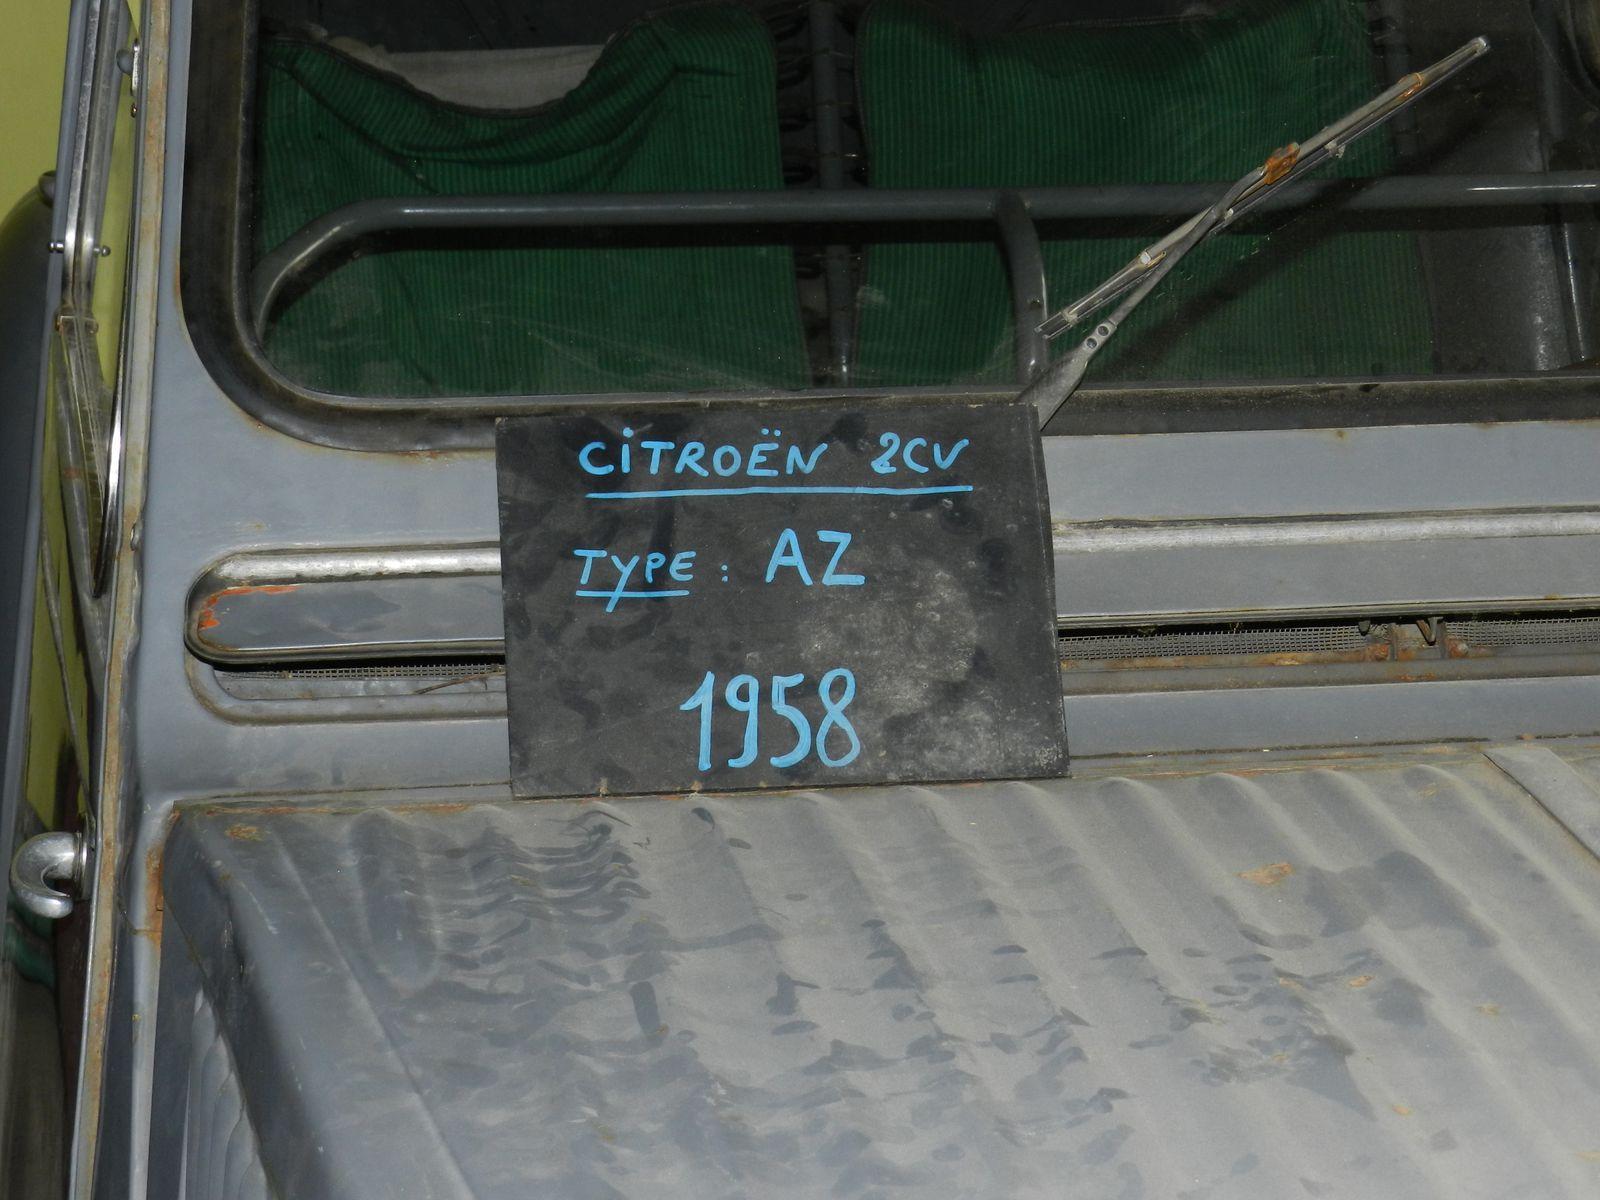 2 CV type AZ 1958